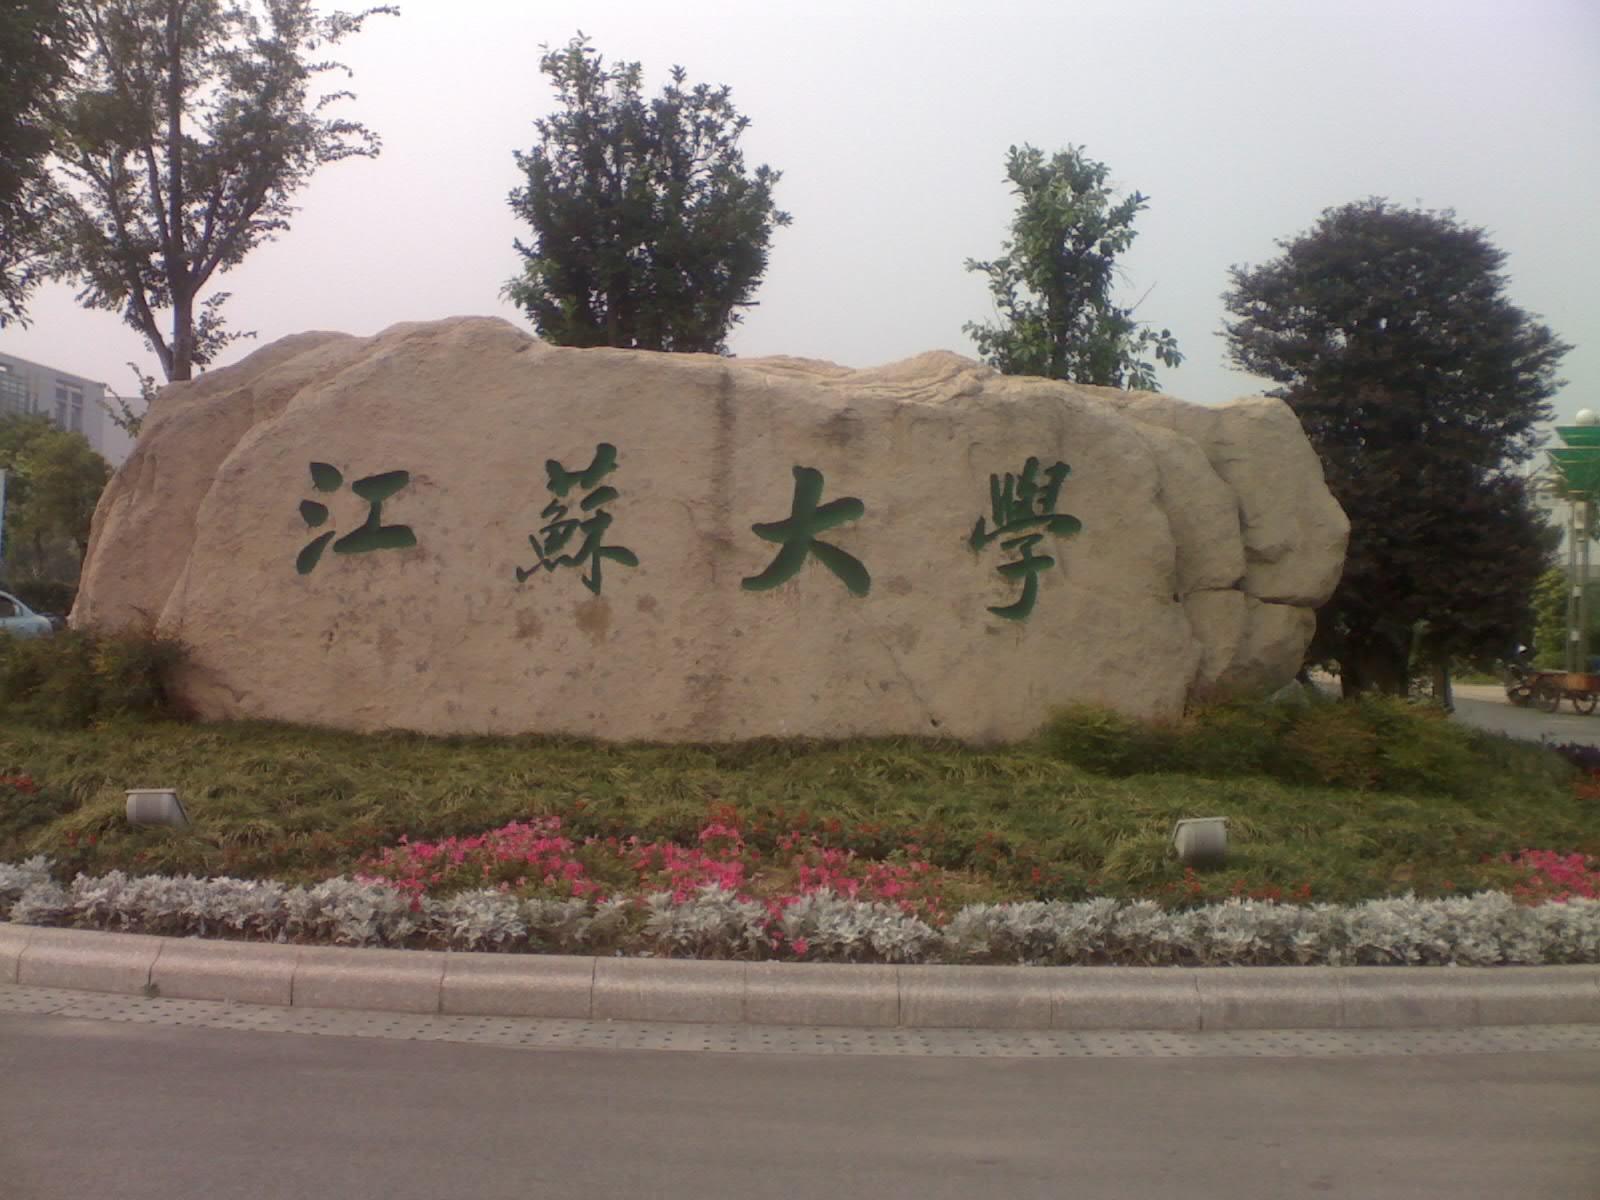 江苏大学是2001年8月经教育部批准由原江苏理工大学、镇江医学院和镇江师范专科学校合并组建的以 工科为特色的教学研究型综合性大学,1978年被国务院确定为全国88所重点大学之一,综合实力一直位居全国高校百强之列。学校的办学历史可追溯到1902年刘坤一、张之洞、魏光焘在南京创办的三江师范学堂,2002年5月,江苏省委、省政府为南京大学、东南大学、江苏大学等9所从三江师范学堂发展而来的高校隆重举行办学百年庆典,并赠鼎纪念。   1981年成为全国首批具有博士、硕士学位授予权的高校,综合实力一直位居全国高校